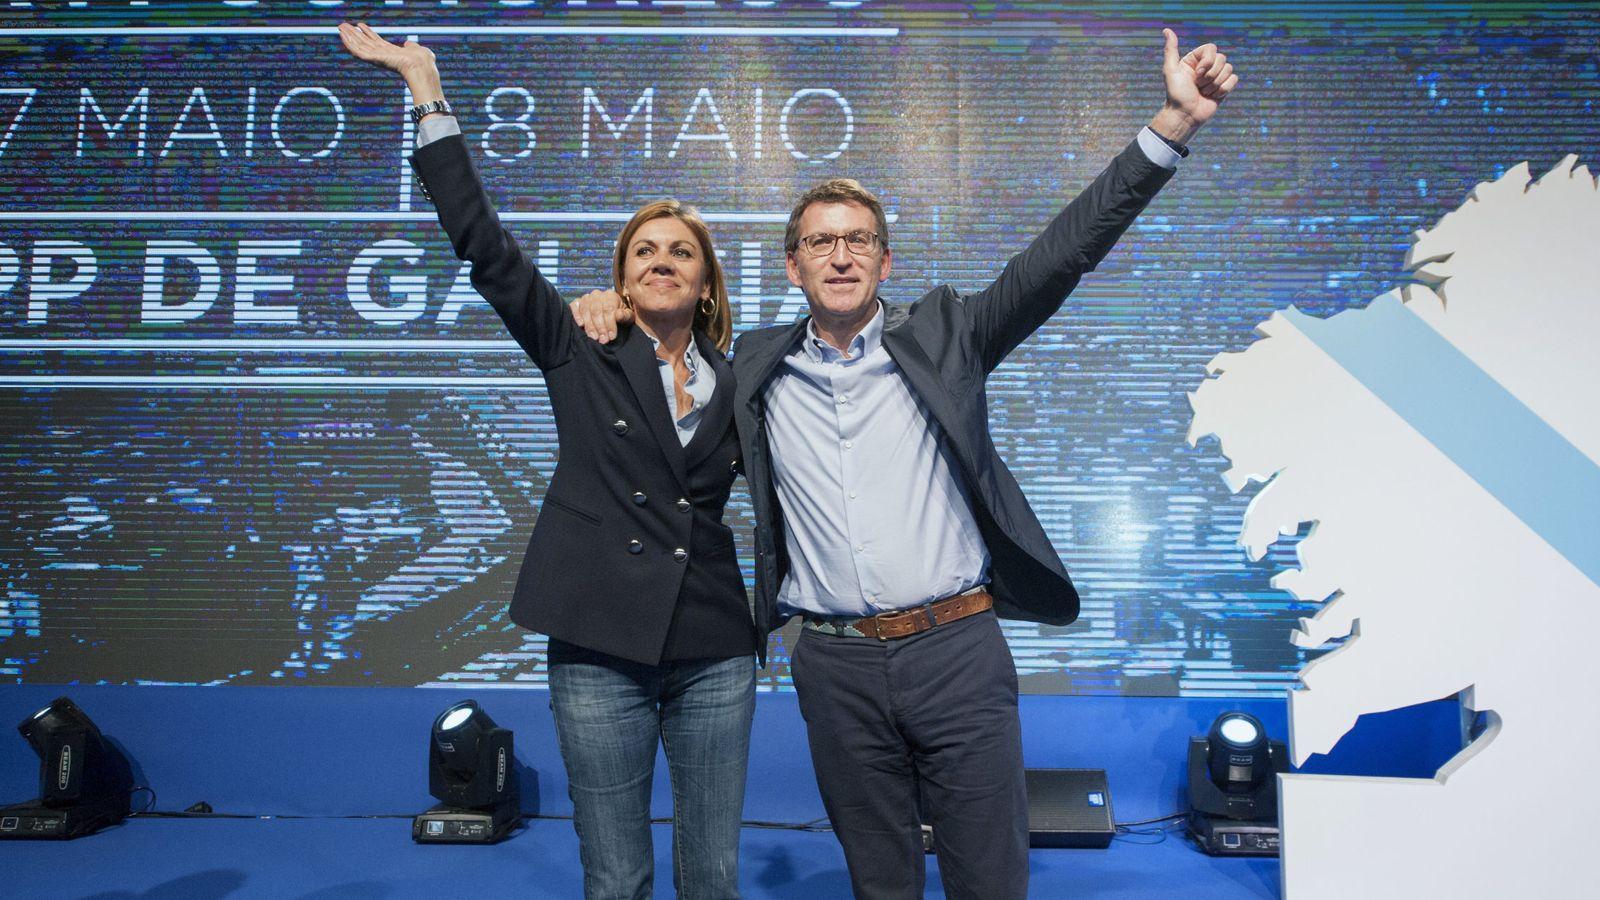 Foto: El presidente de la Xunta de Galicia, Alberto Núñez Feijóo, y la secretaria general del PP, María Dolores de Cospedal. (Efe)